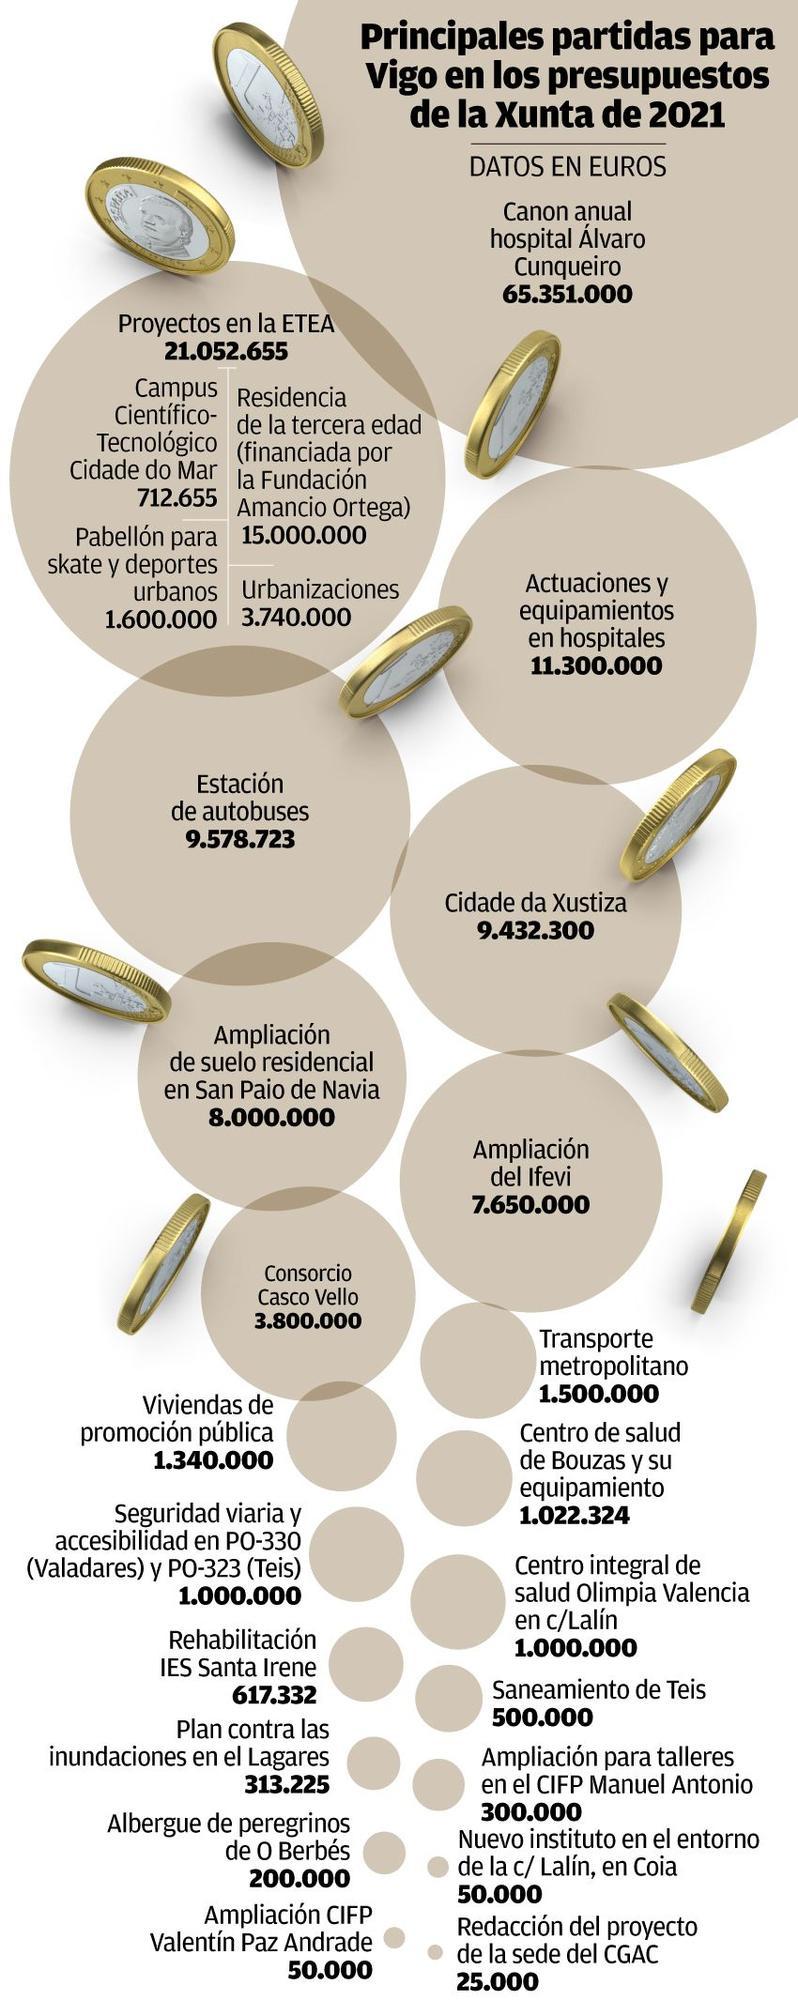 Principales partidas para Vigo en los presupeustos de la Xunta de 2021